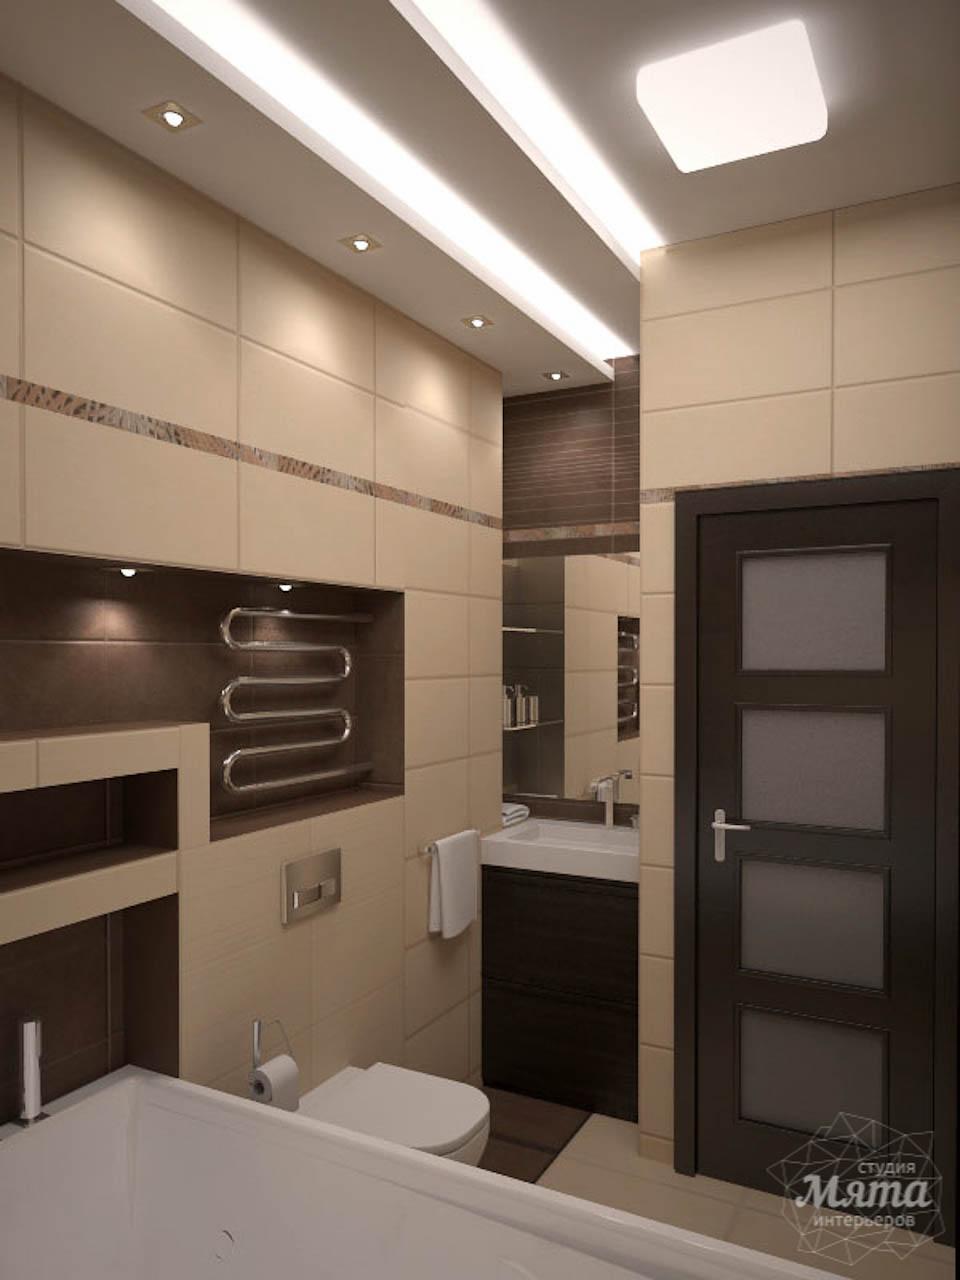 Дизайн интерьера трехкомнатной квартиры по ул. Папанина 18 img1522758031